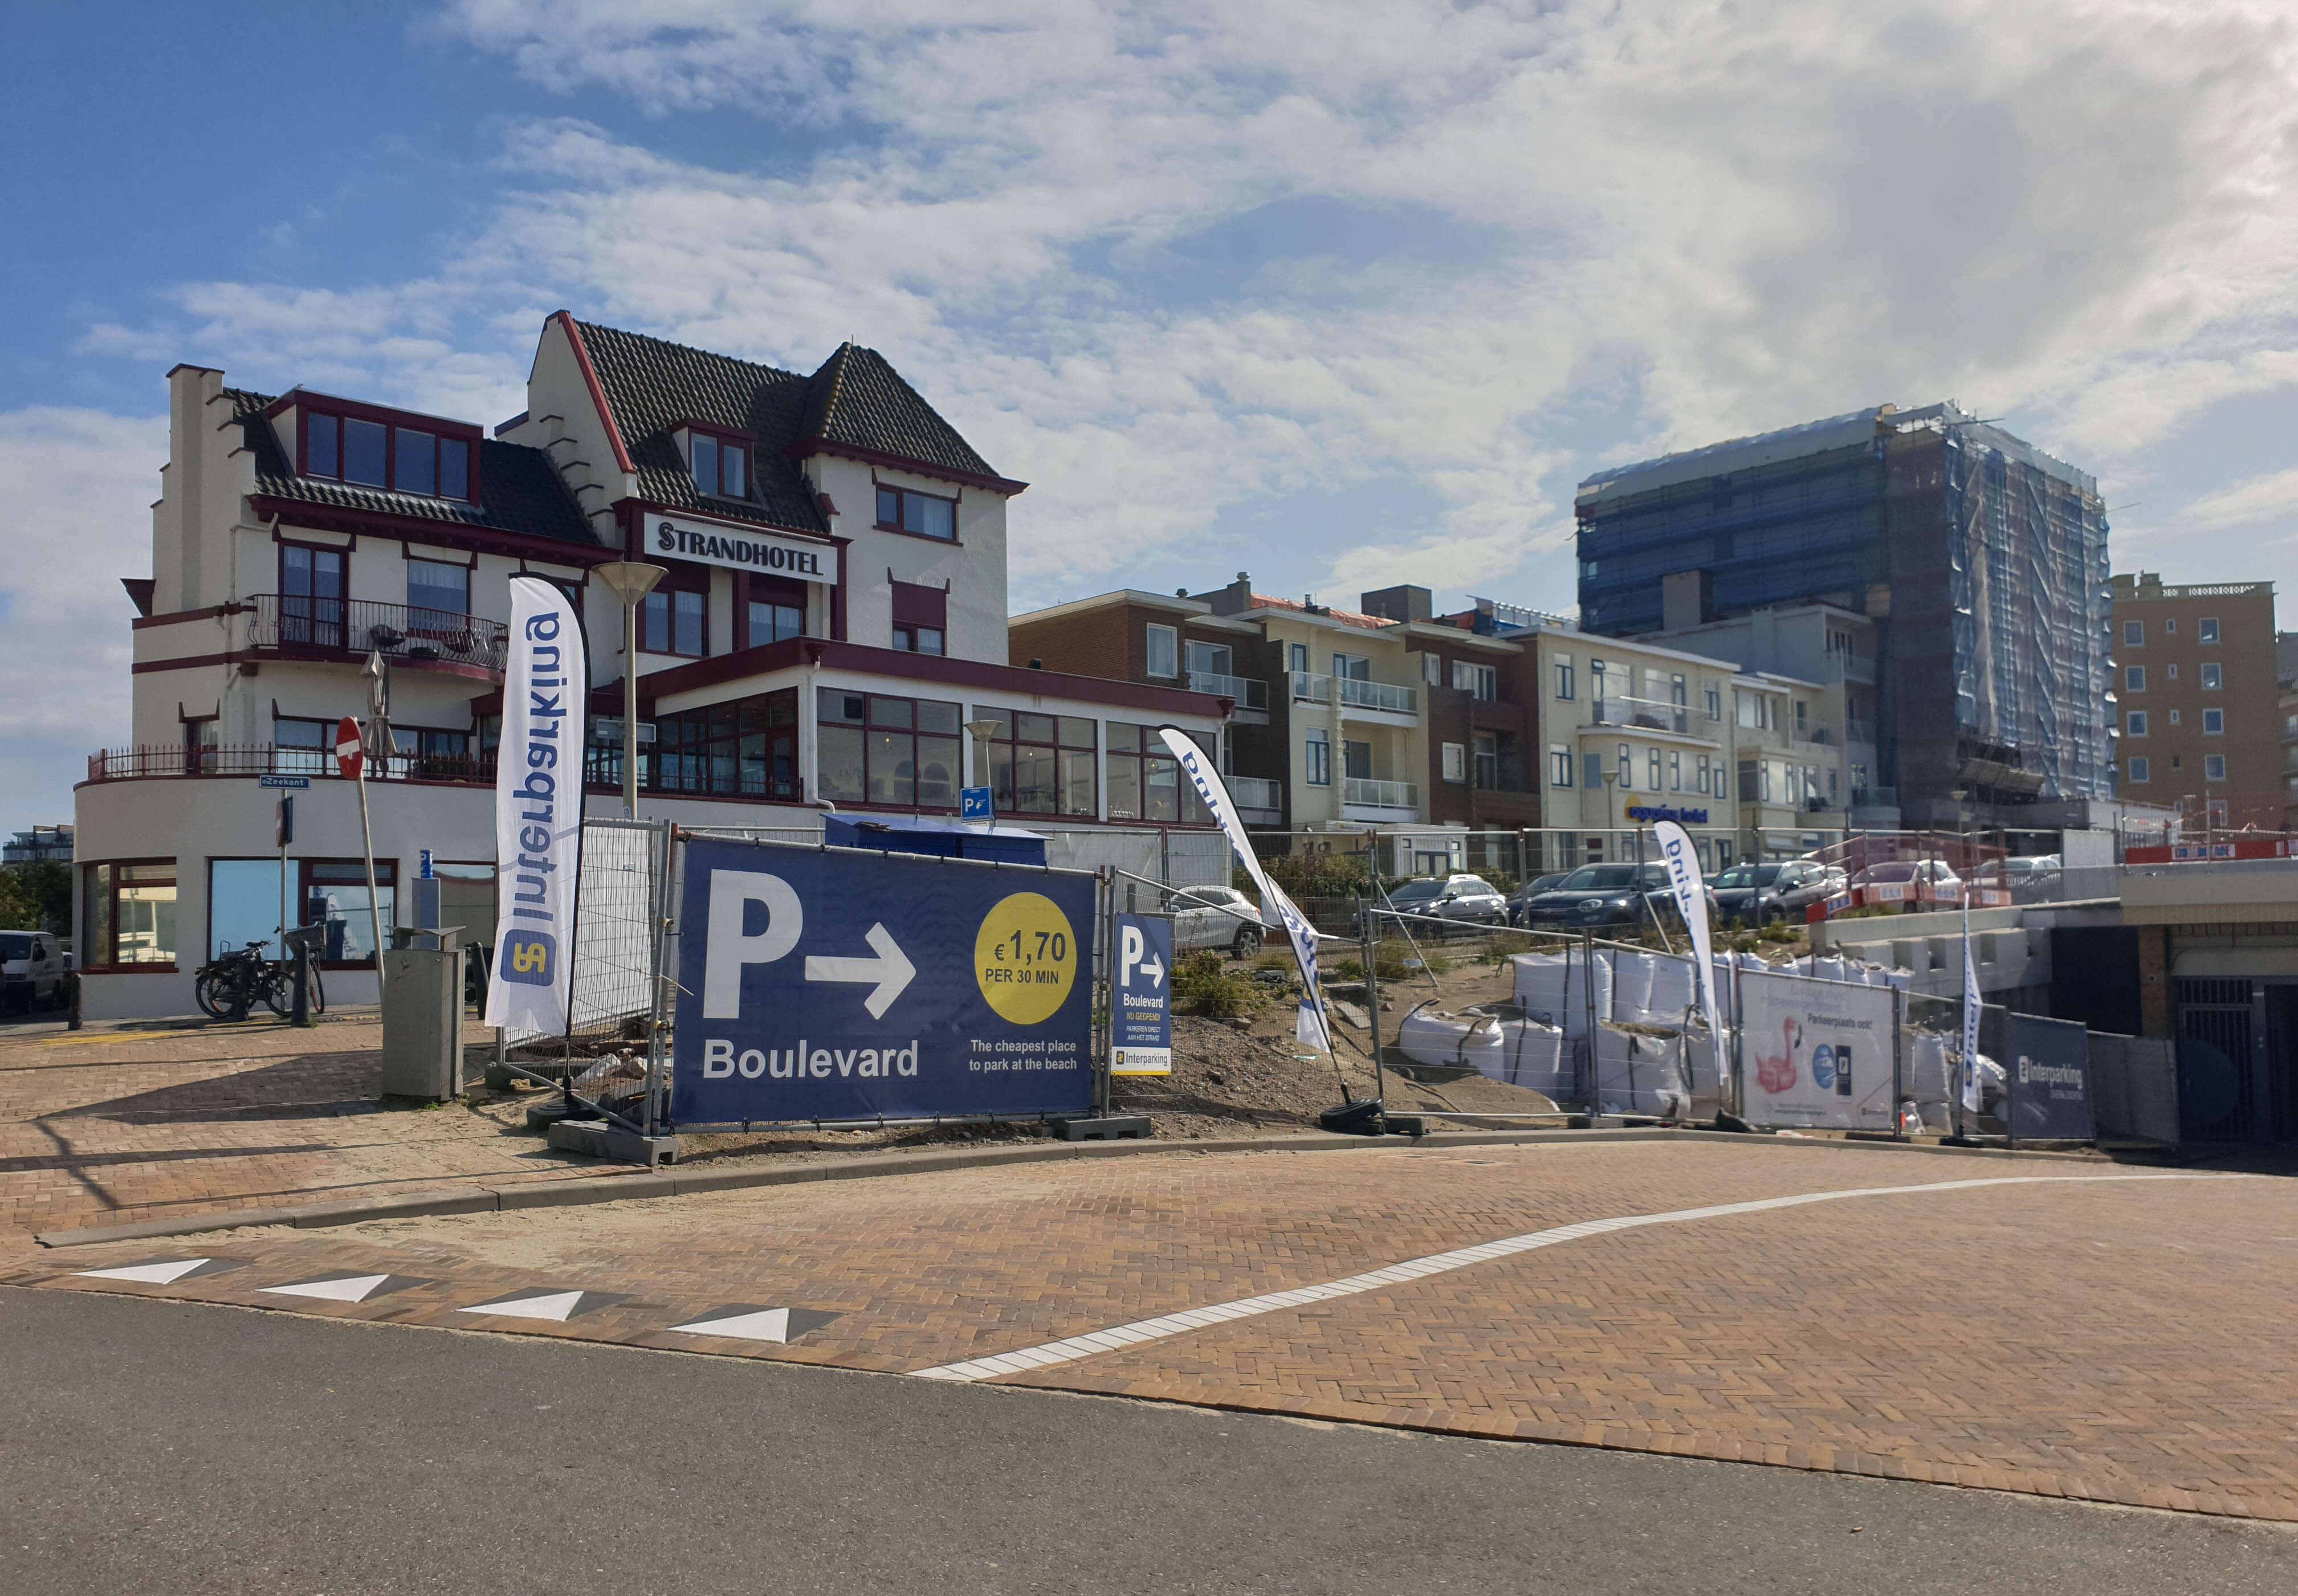 Goedkope parkeergarage in Scheveningen